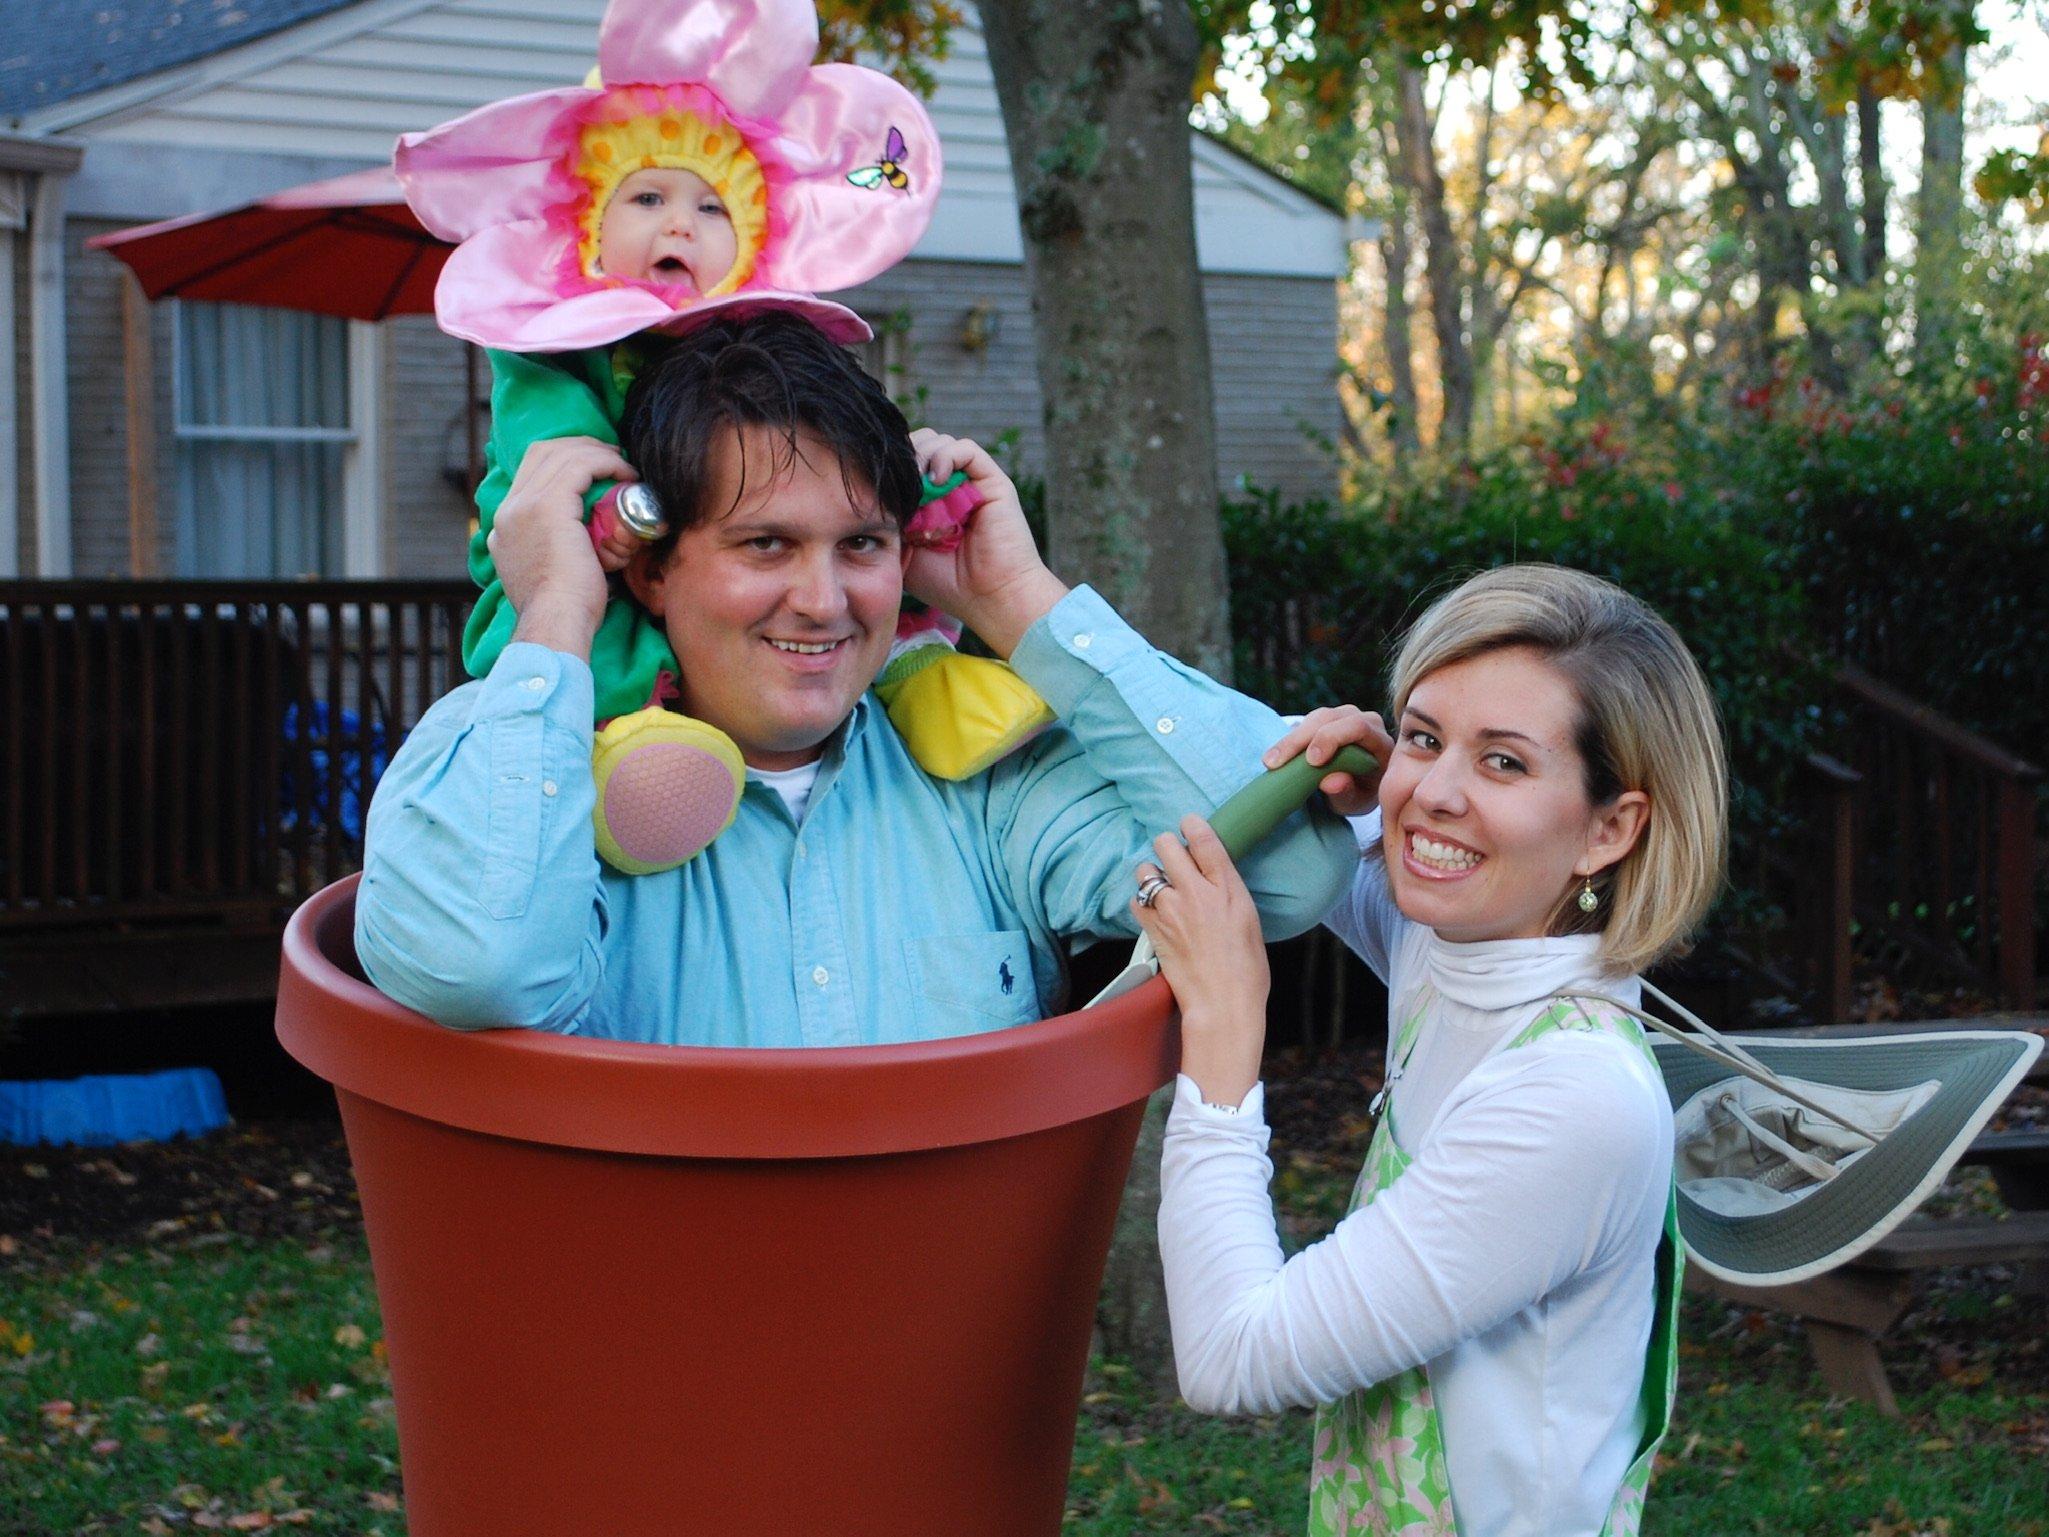 Flower Pot Family Halloween Costume